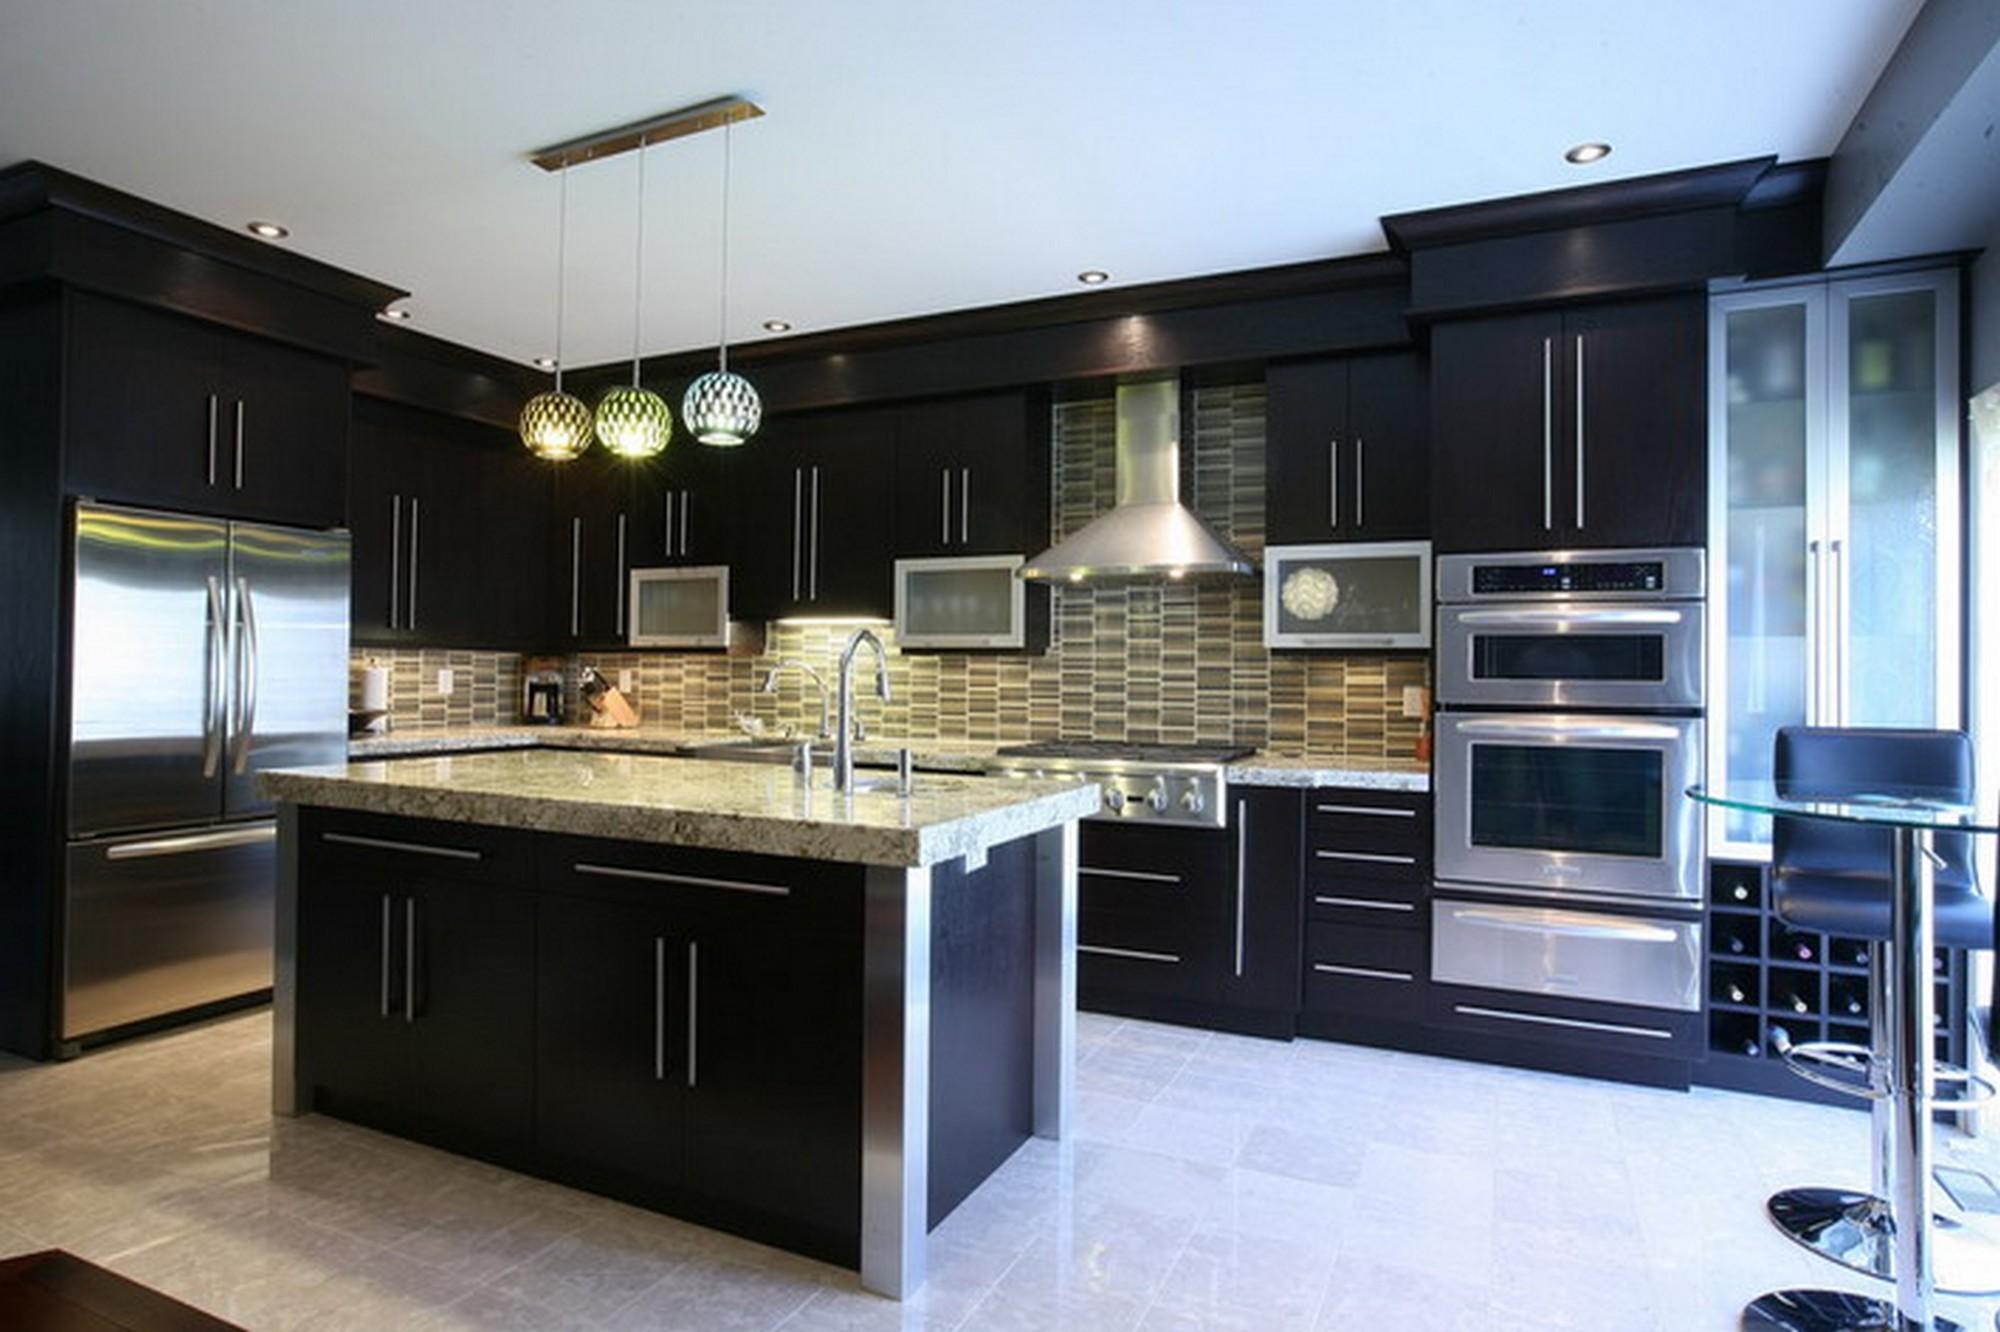 View In Gallery Hiasan Dalaman Dan Dekorasi Dapur Moden Kontemporari